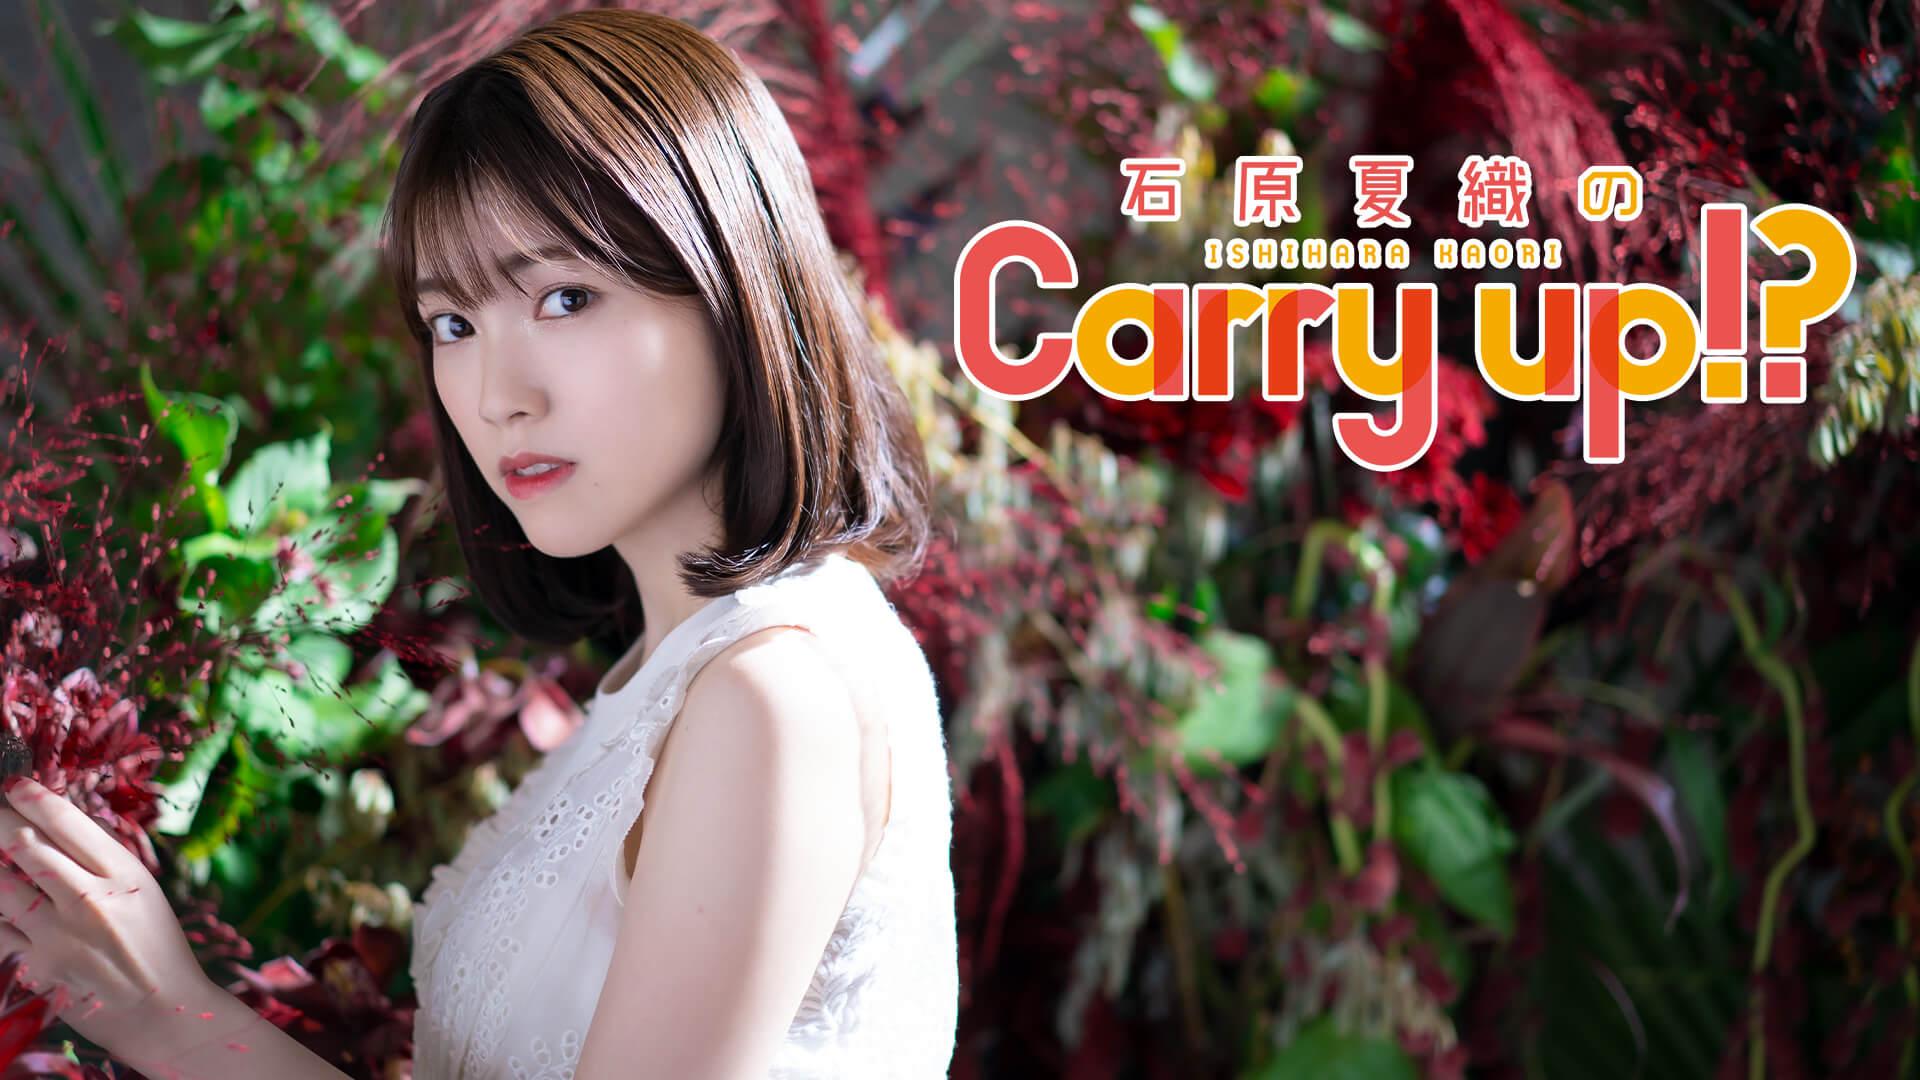 石原夏織のCarry up!? #168(2021年3月15日放送)